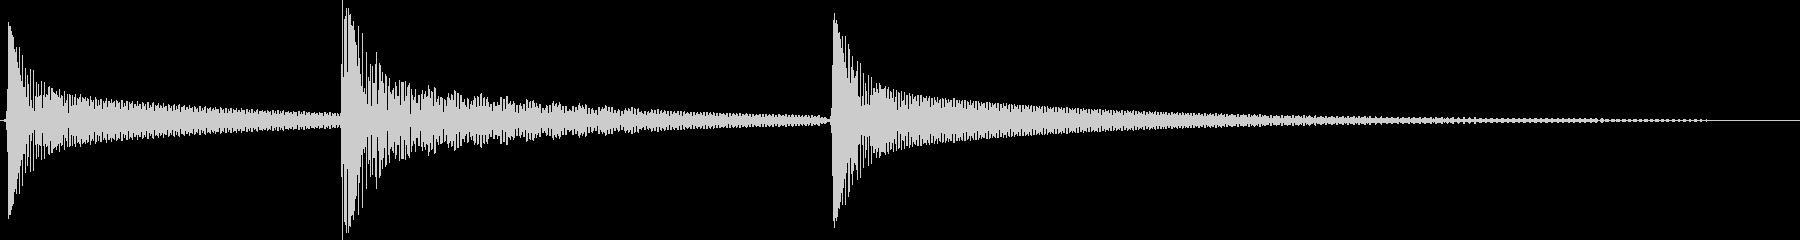 シンプルなSE 失敗音 キャンセル音の未再生の波形